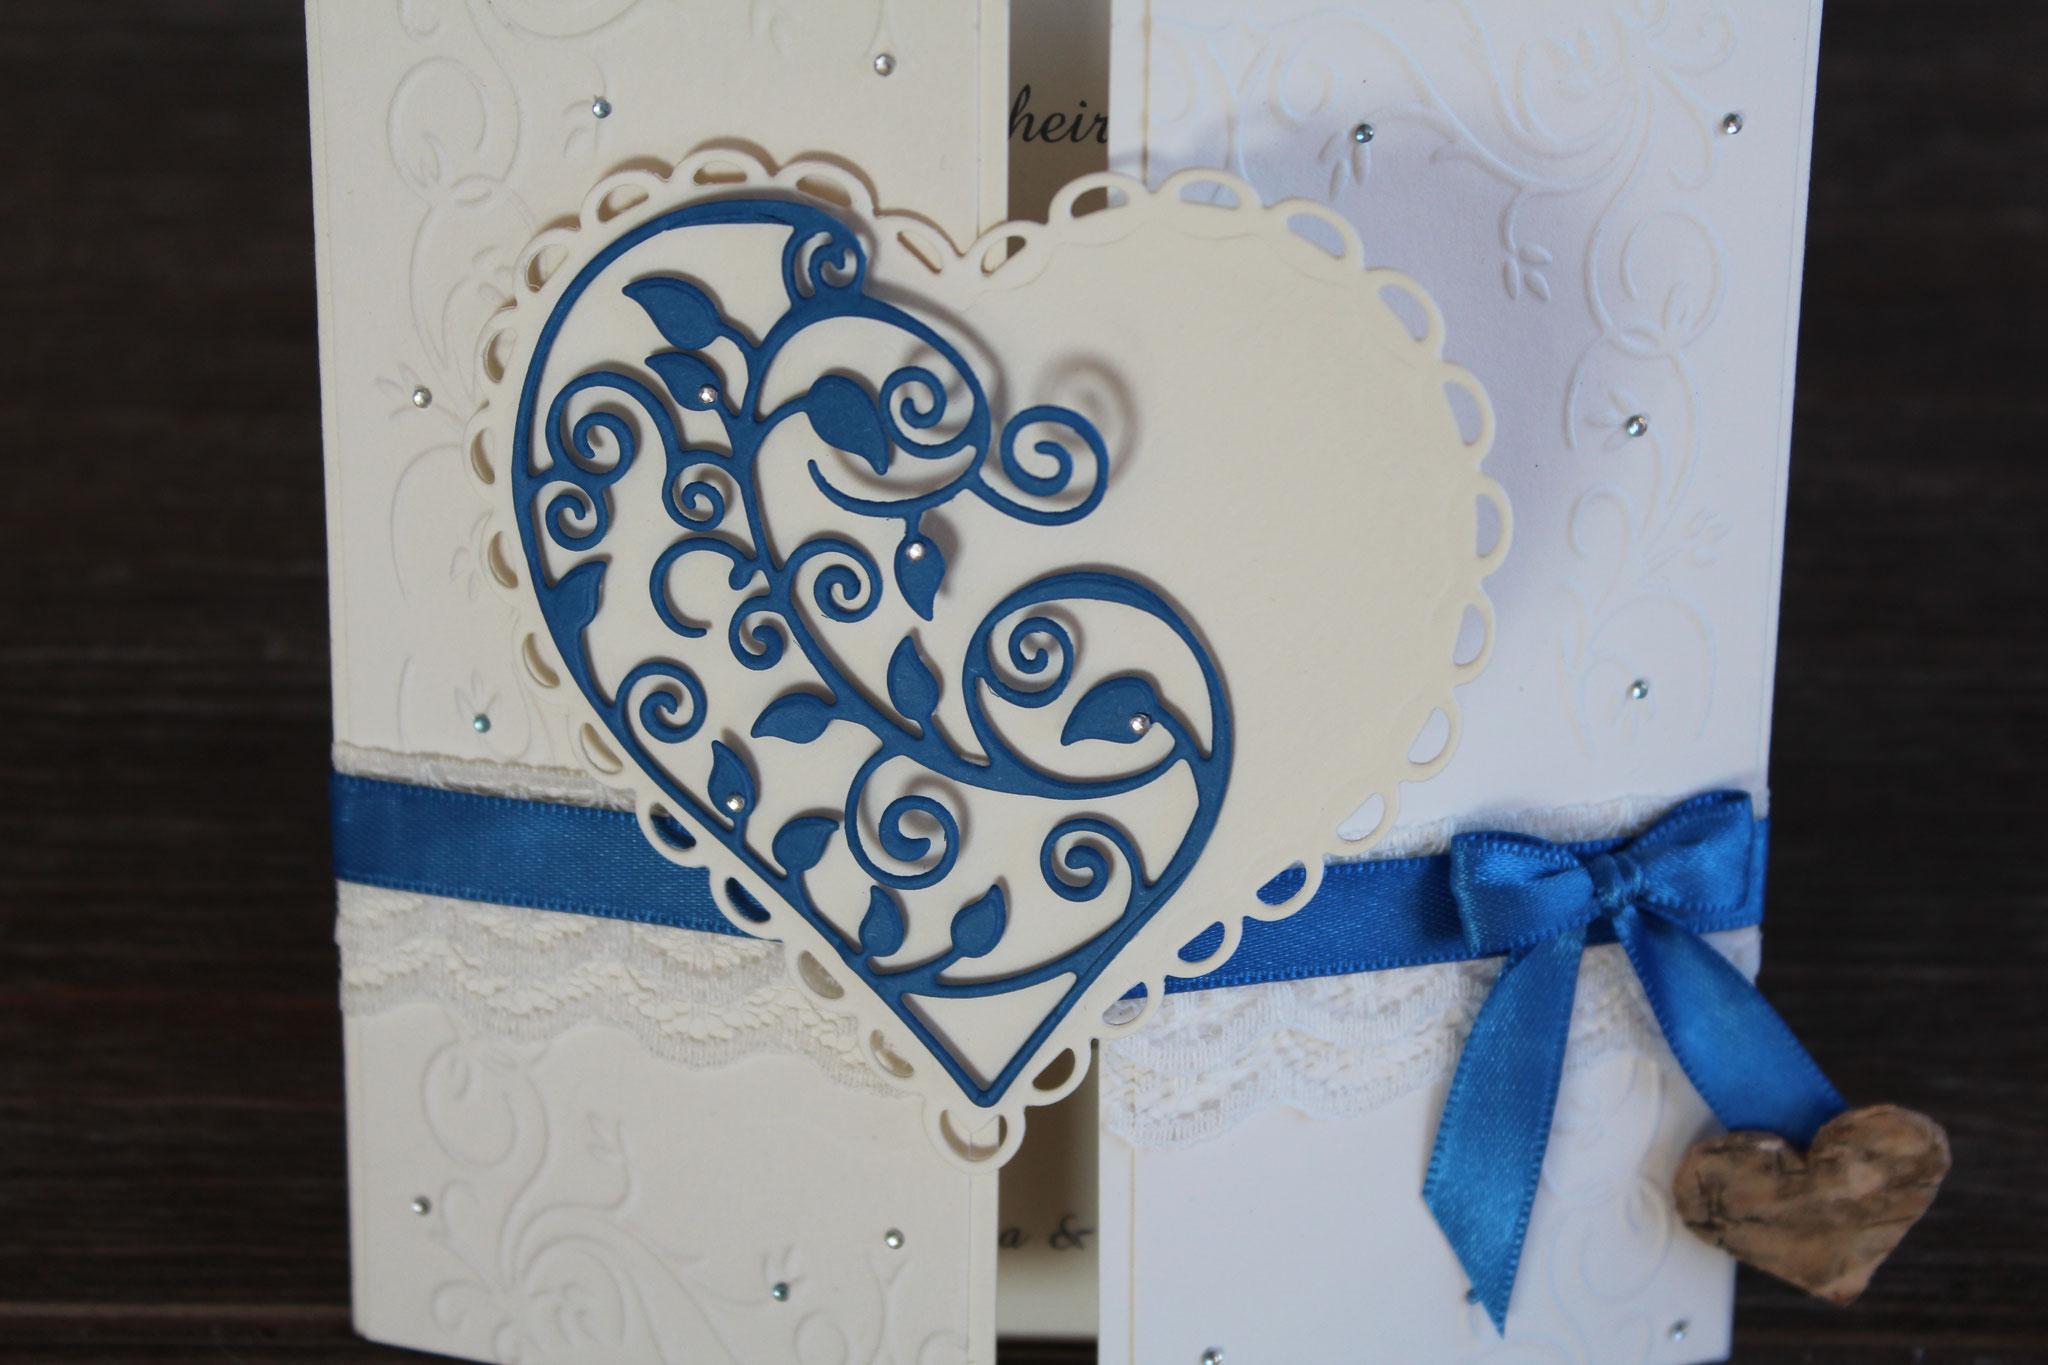 EH95  Mittig zu öffnen. Gerne arbeiten wir auf die Herzinnenseite ein Bild von  Euch ein. Anhänger mit den Namen des Brautpaares.